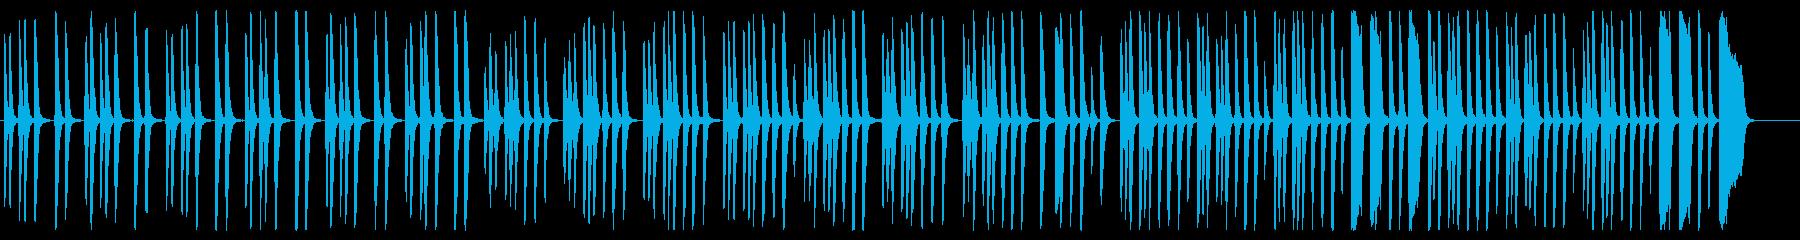 軽快なピアノの行進曲の再生済みの波形